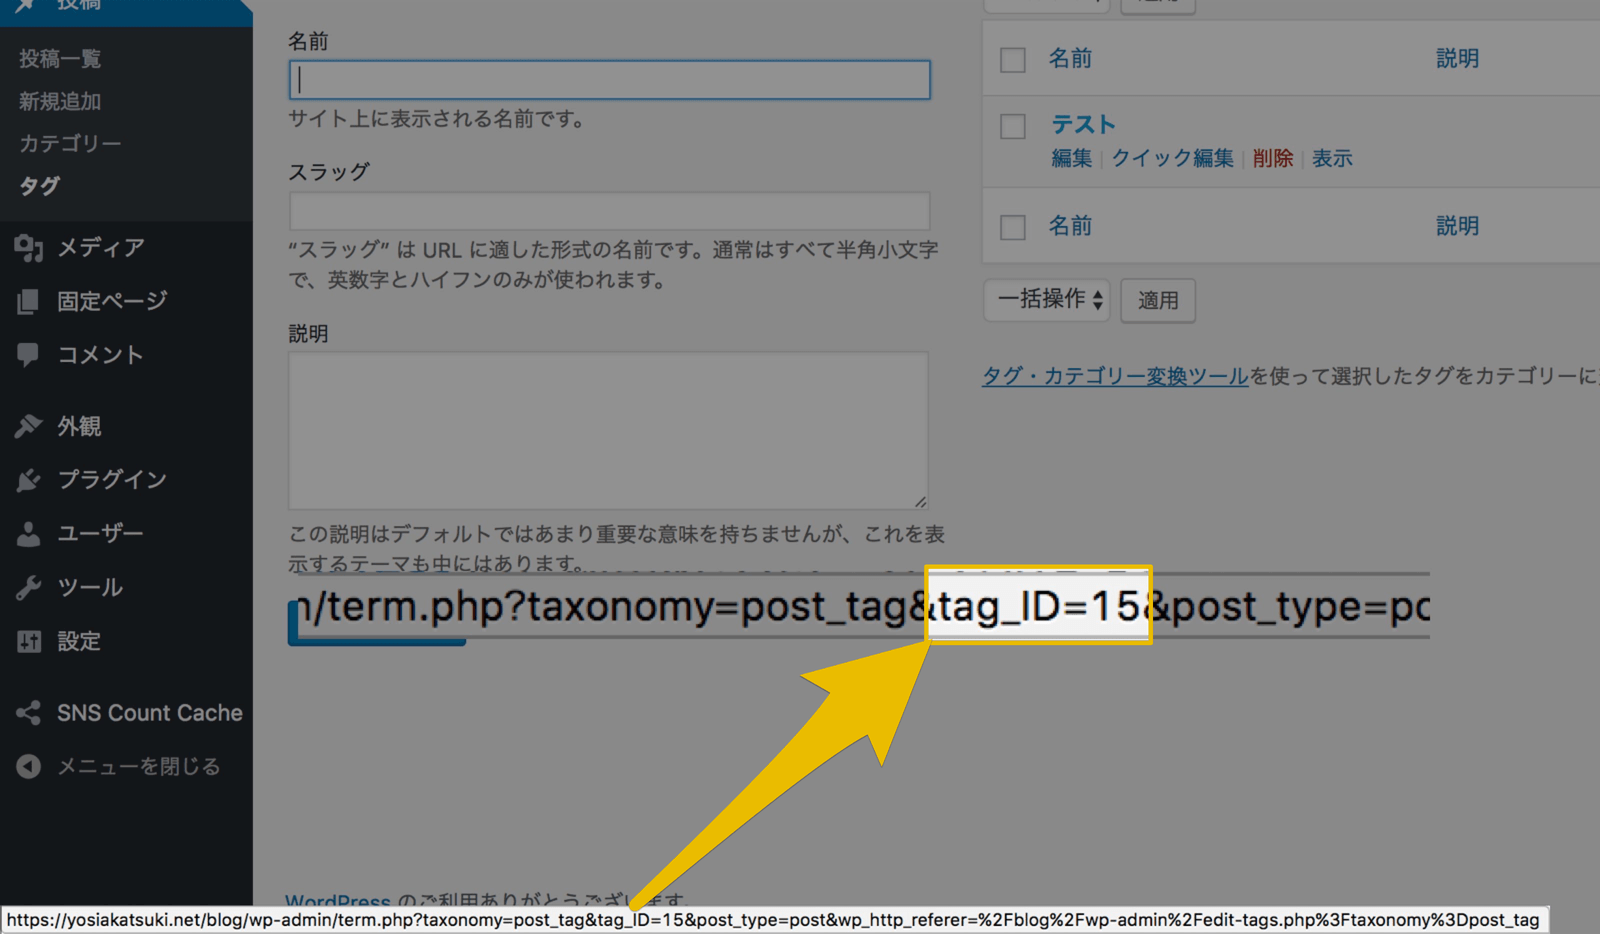 タグのIDはカテゴリーIDのときと同様にtag_IDから取得する